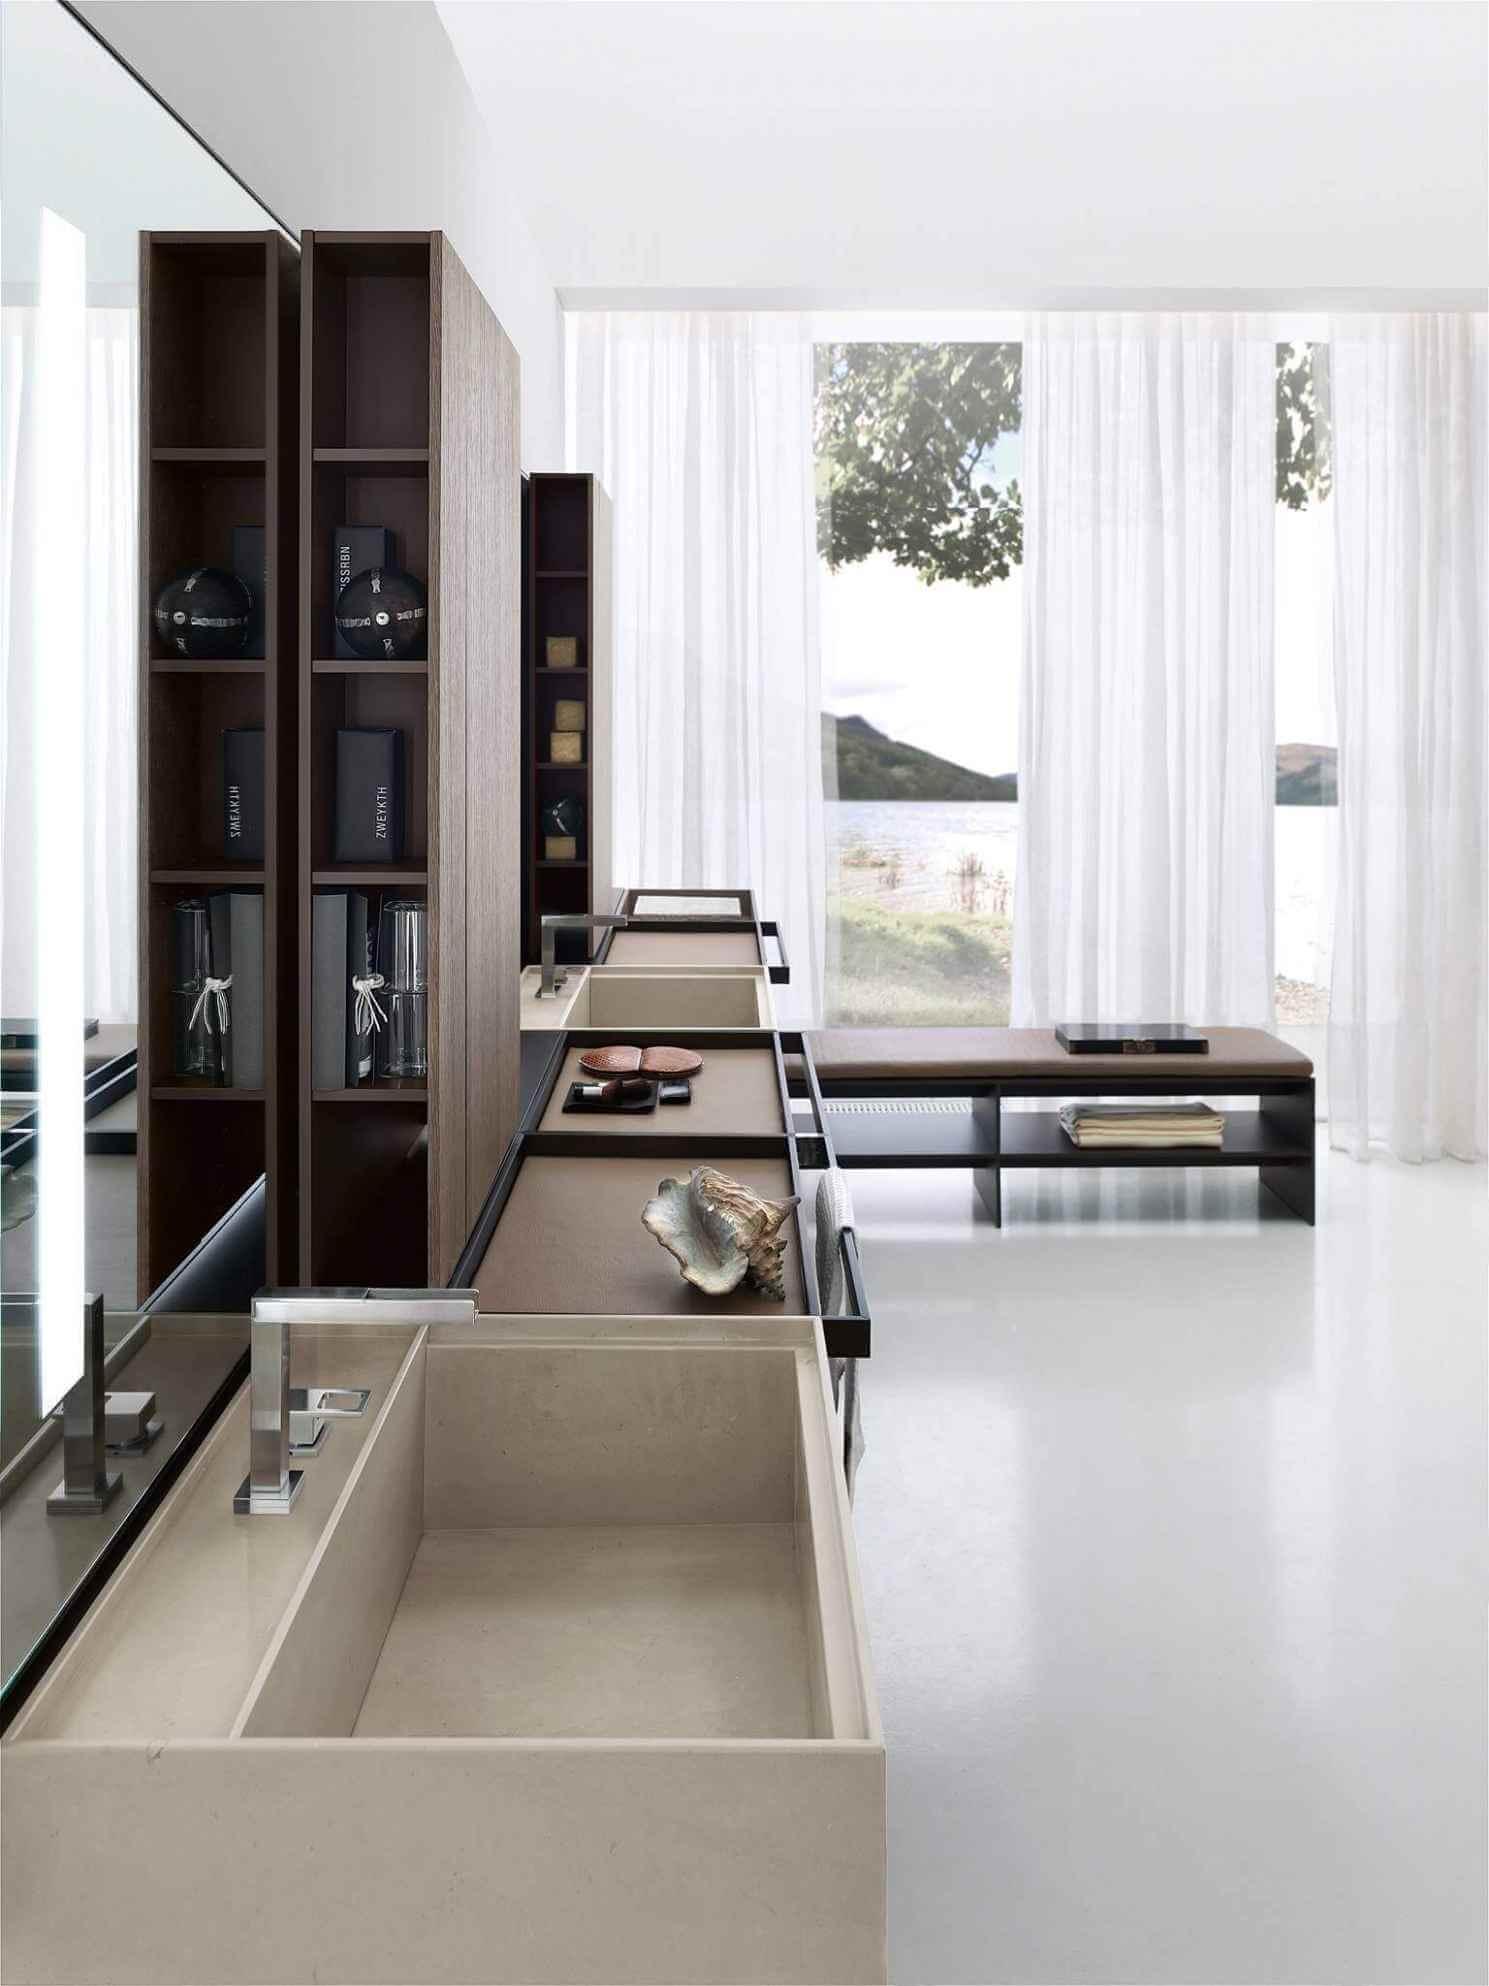 Mehr als nur ein Badezimmer hier ist das Baddesign an das Schlafzimmer angebunden